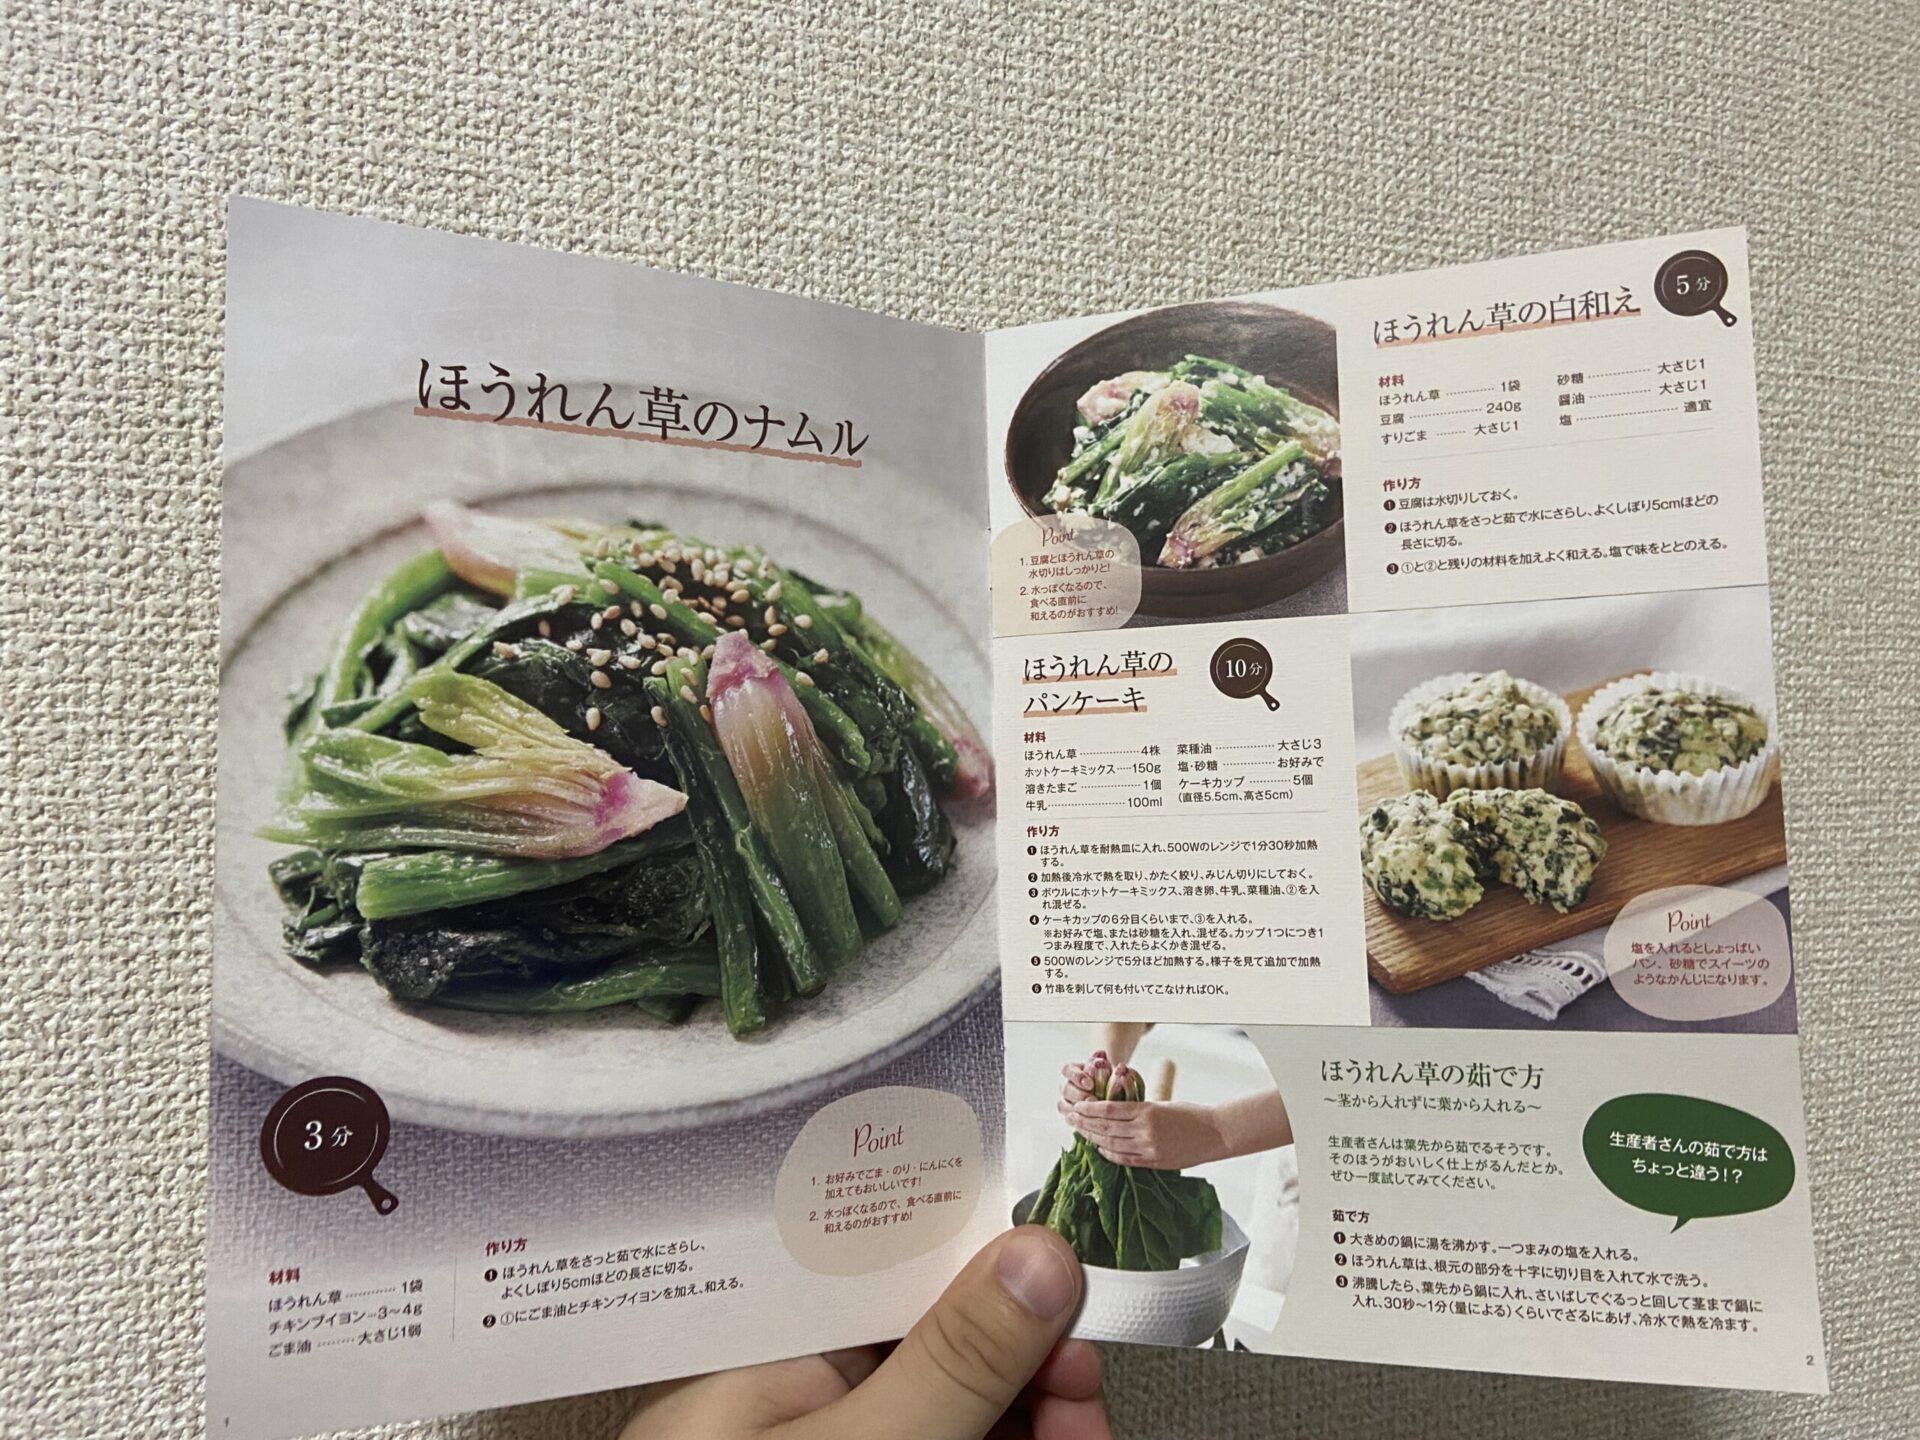 かんたん料理レシピ